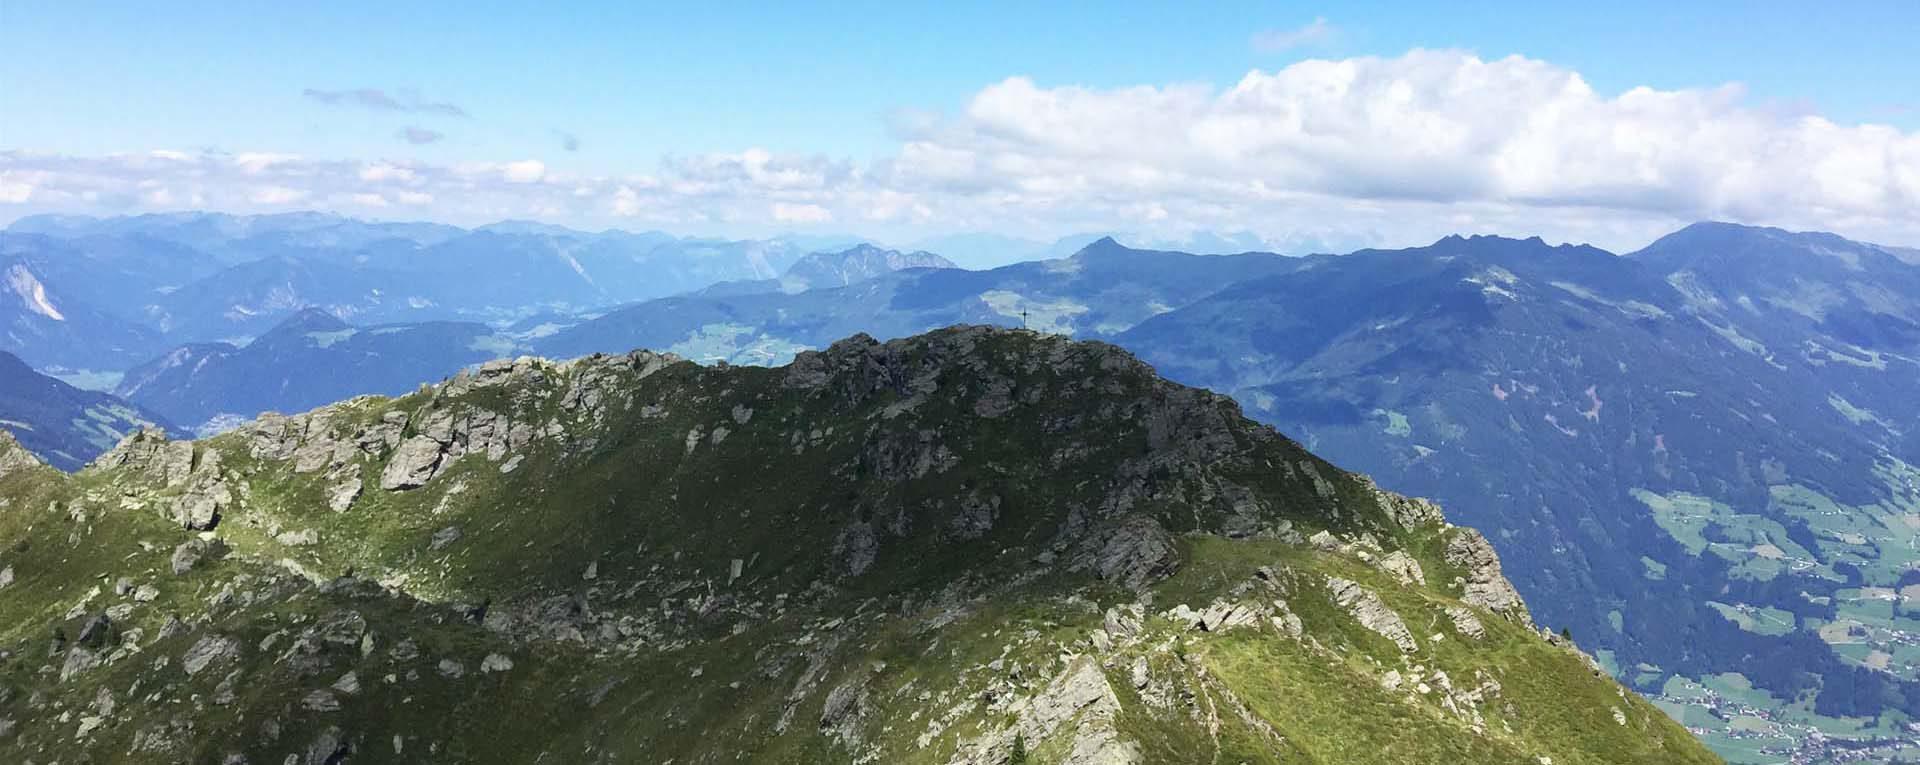 Blick auf Wetterkreuzspitze Zillertal